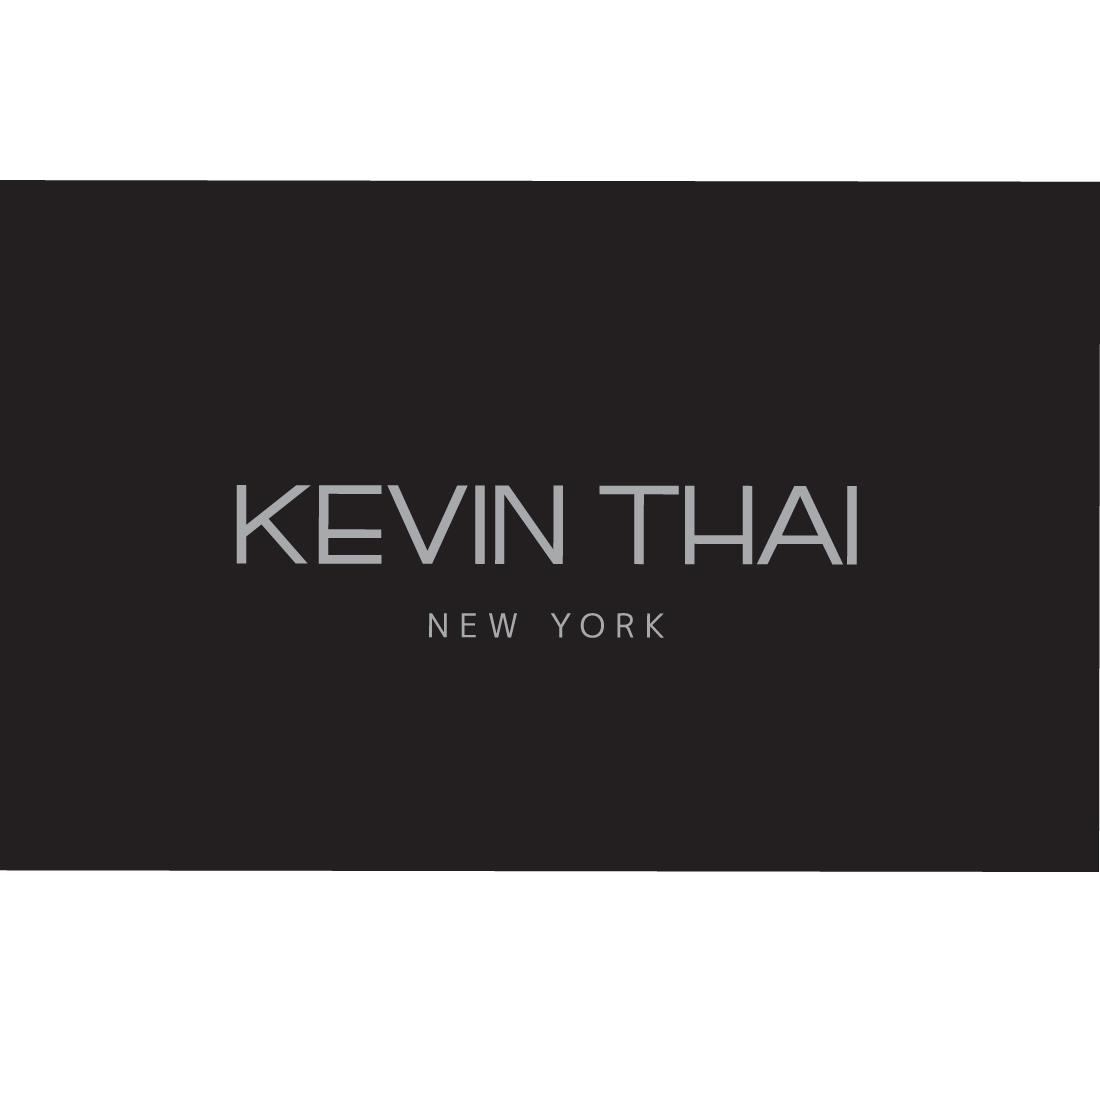 Kevin Thai Blk.jpg